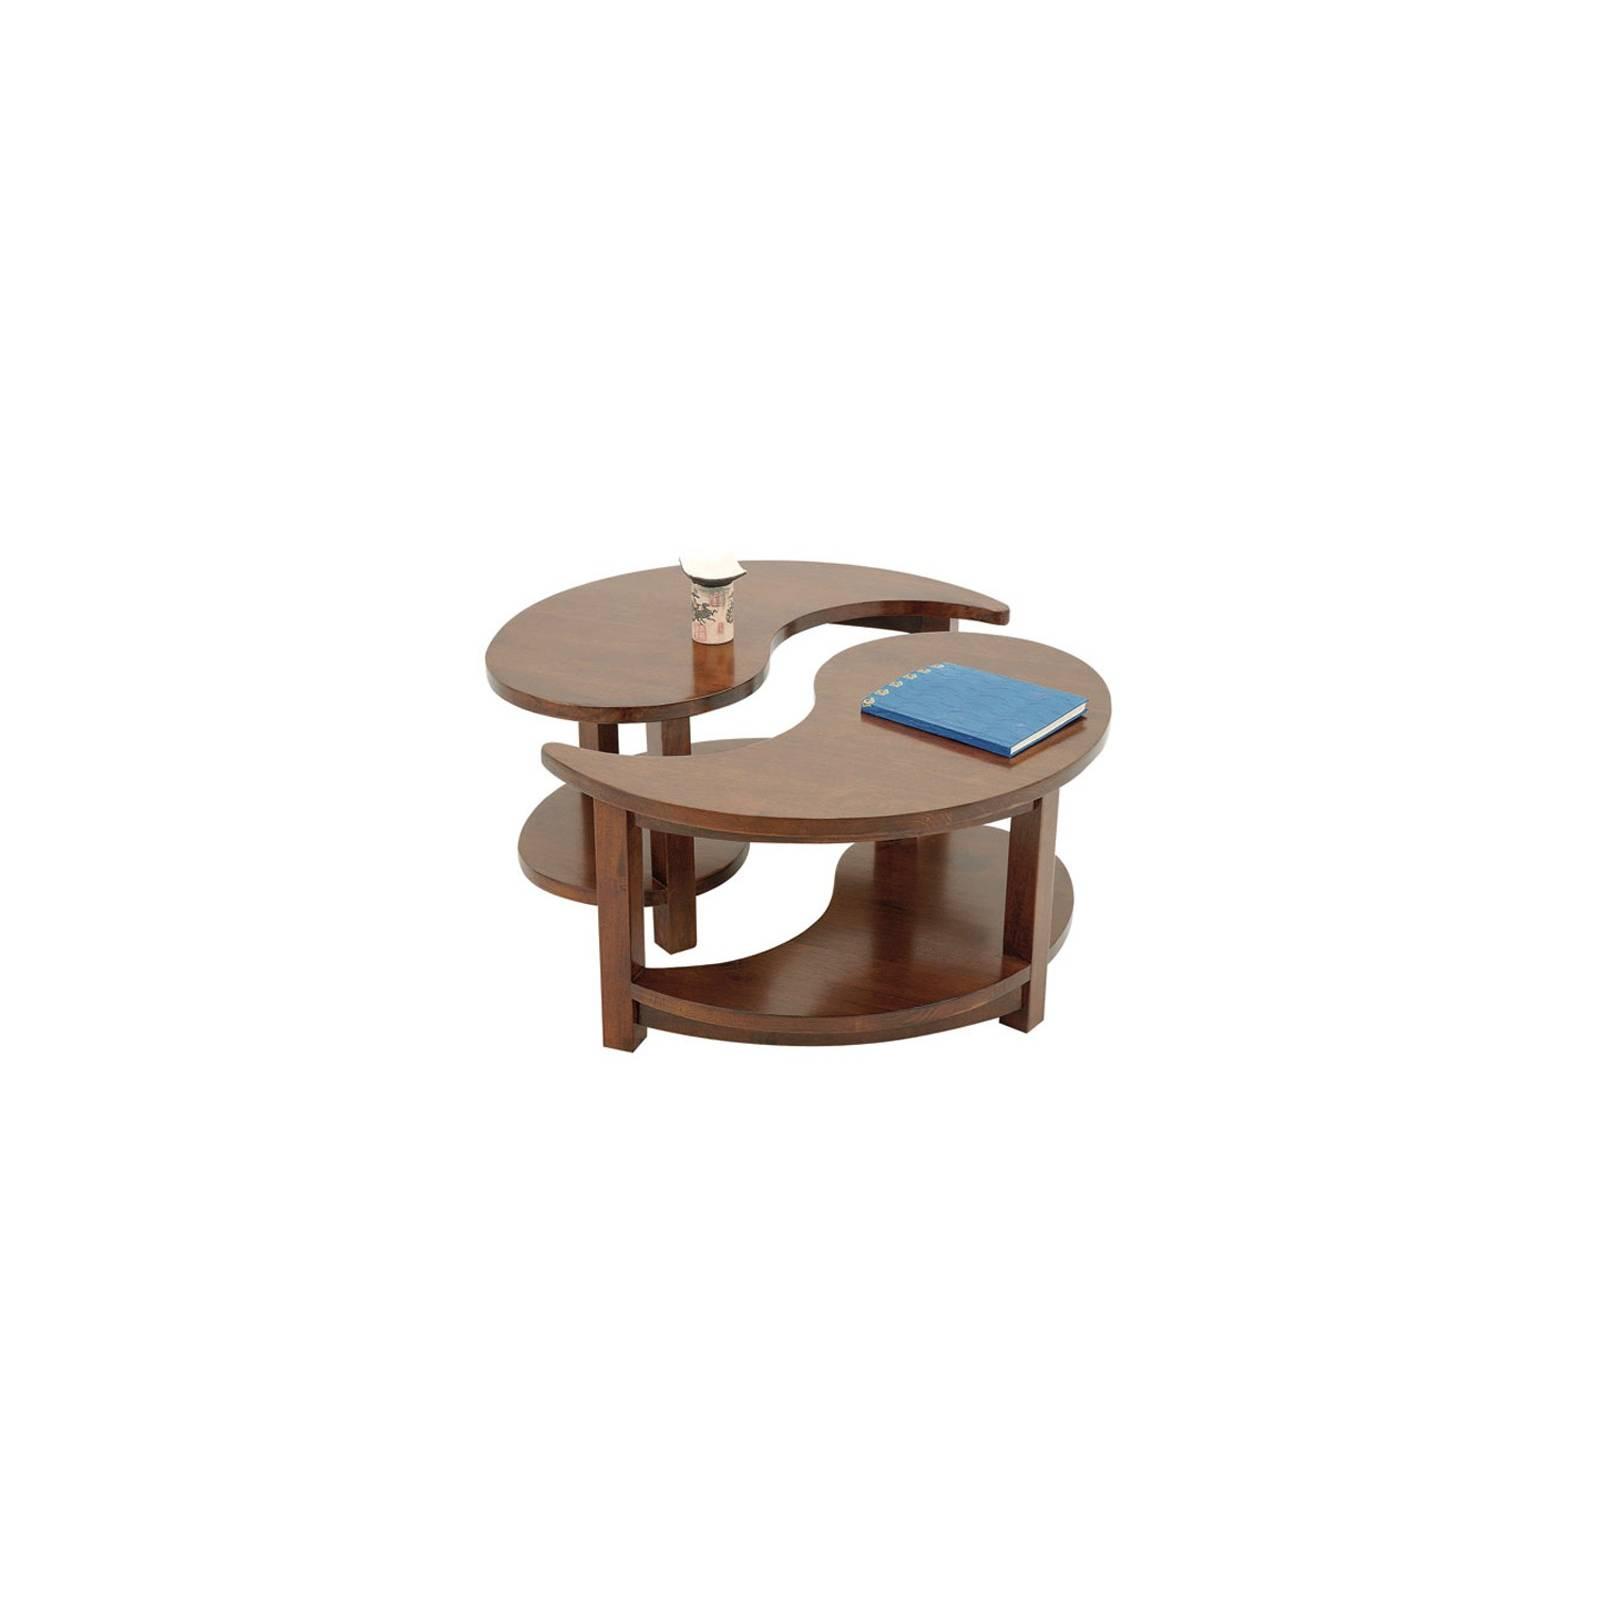 Table Basse Ying Yang Chine Hévéa - meuble bois exotique